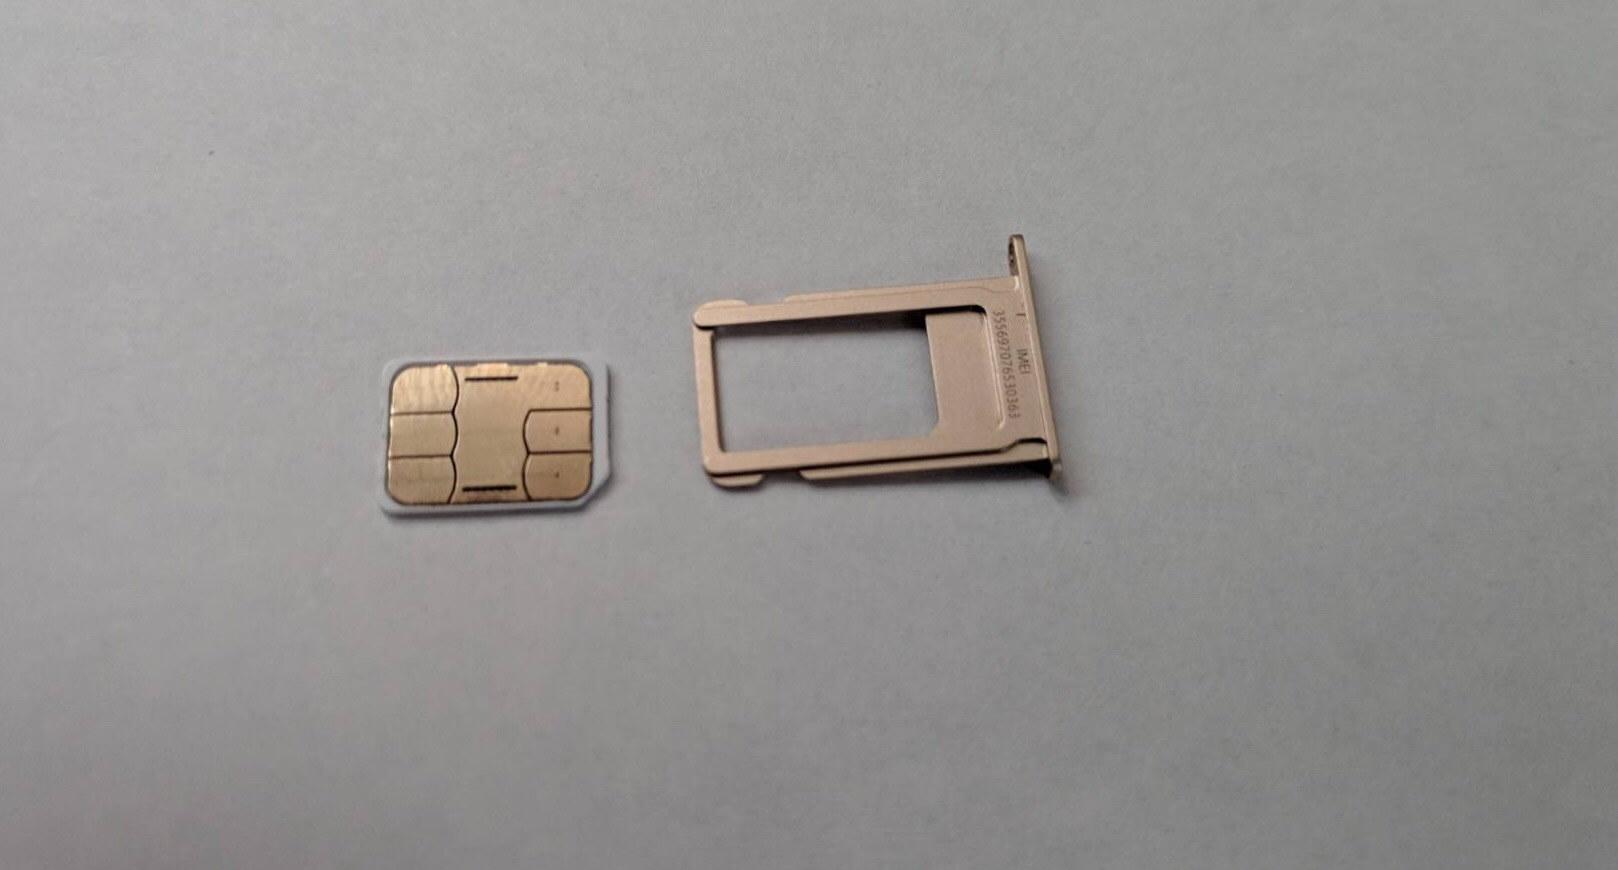 SIMカードとは何?意味・格安SIM(MVNO)・種類